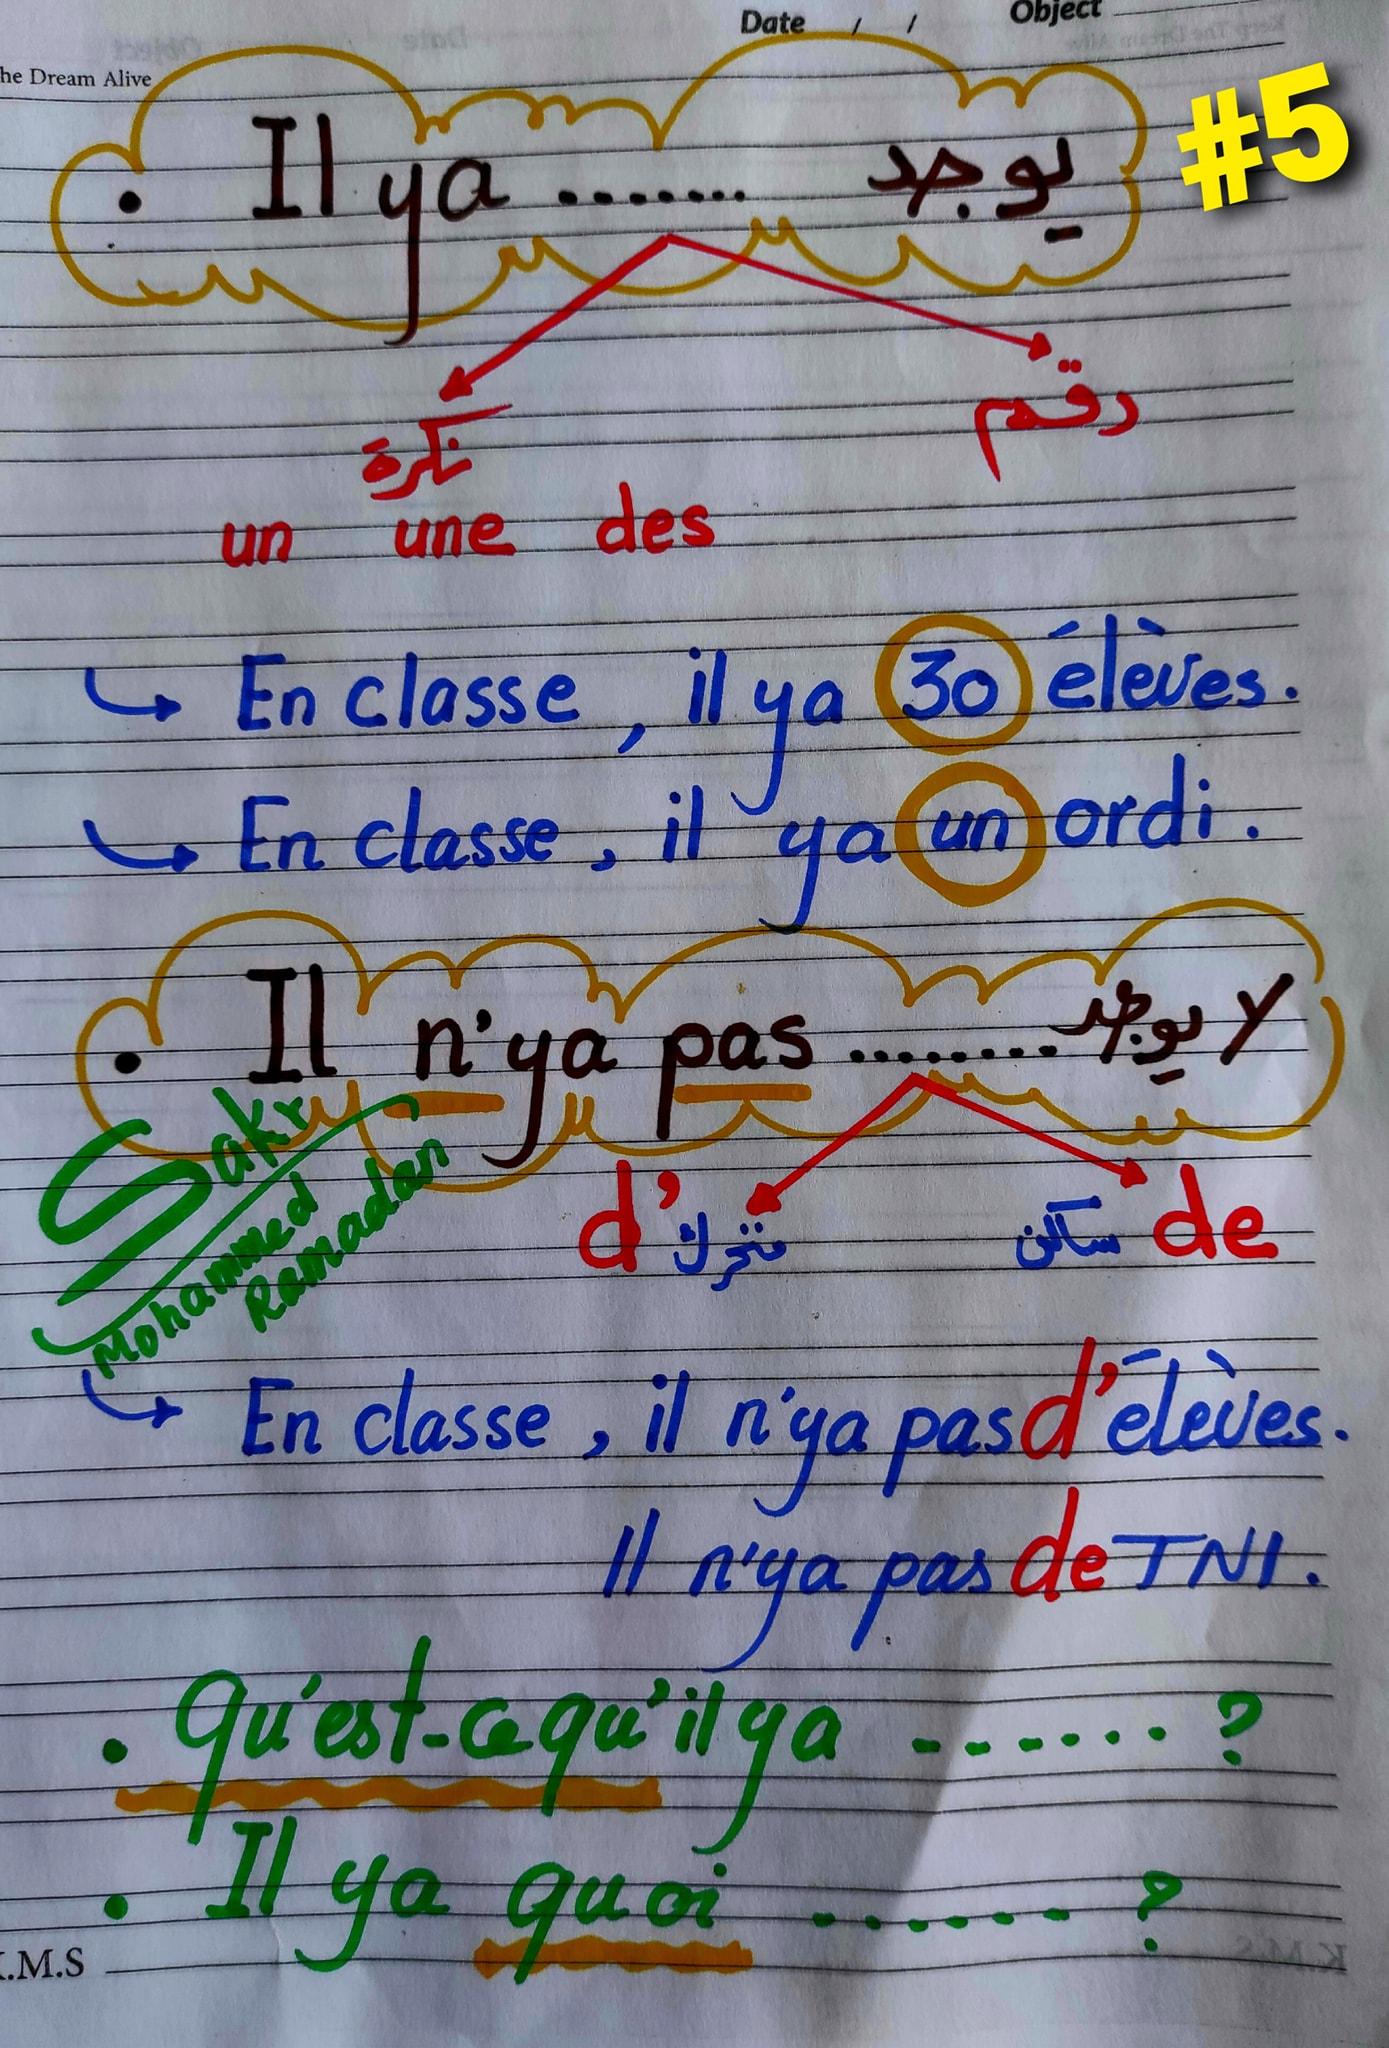 مراجعة شاملة لغة فرنسية للصف الاول الثانوي ترم ثاني.. أهم الكلمات والقواعد و 200 سؤال مجاب  4